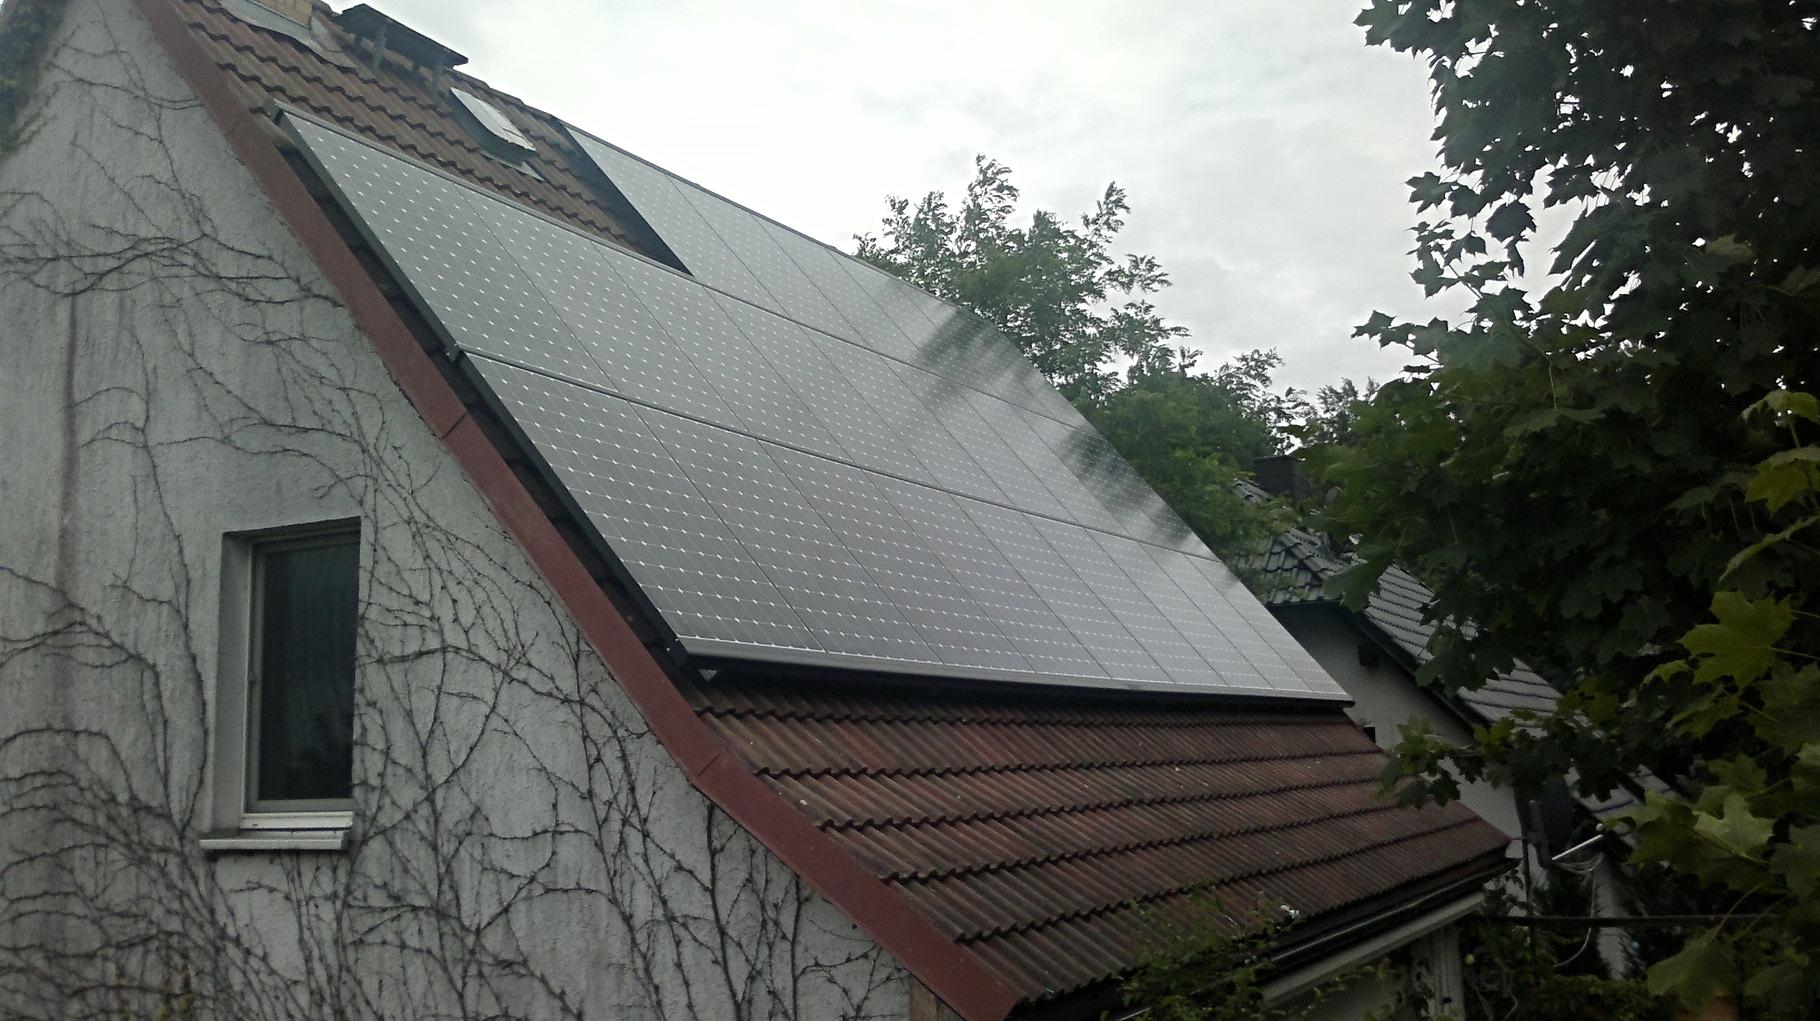 7,848 kWp Sunpower mit Solaredge Wechselrichter inkl. Wärmepumpe Dimplex in Eberswalde